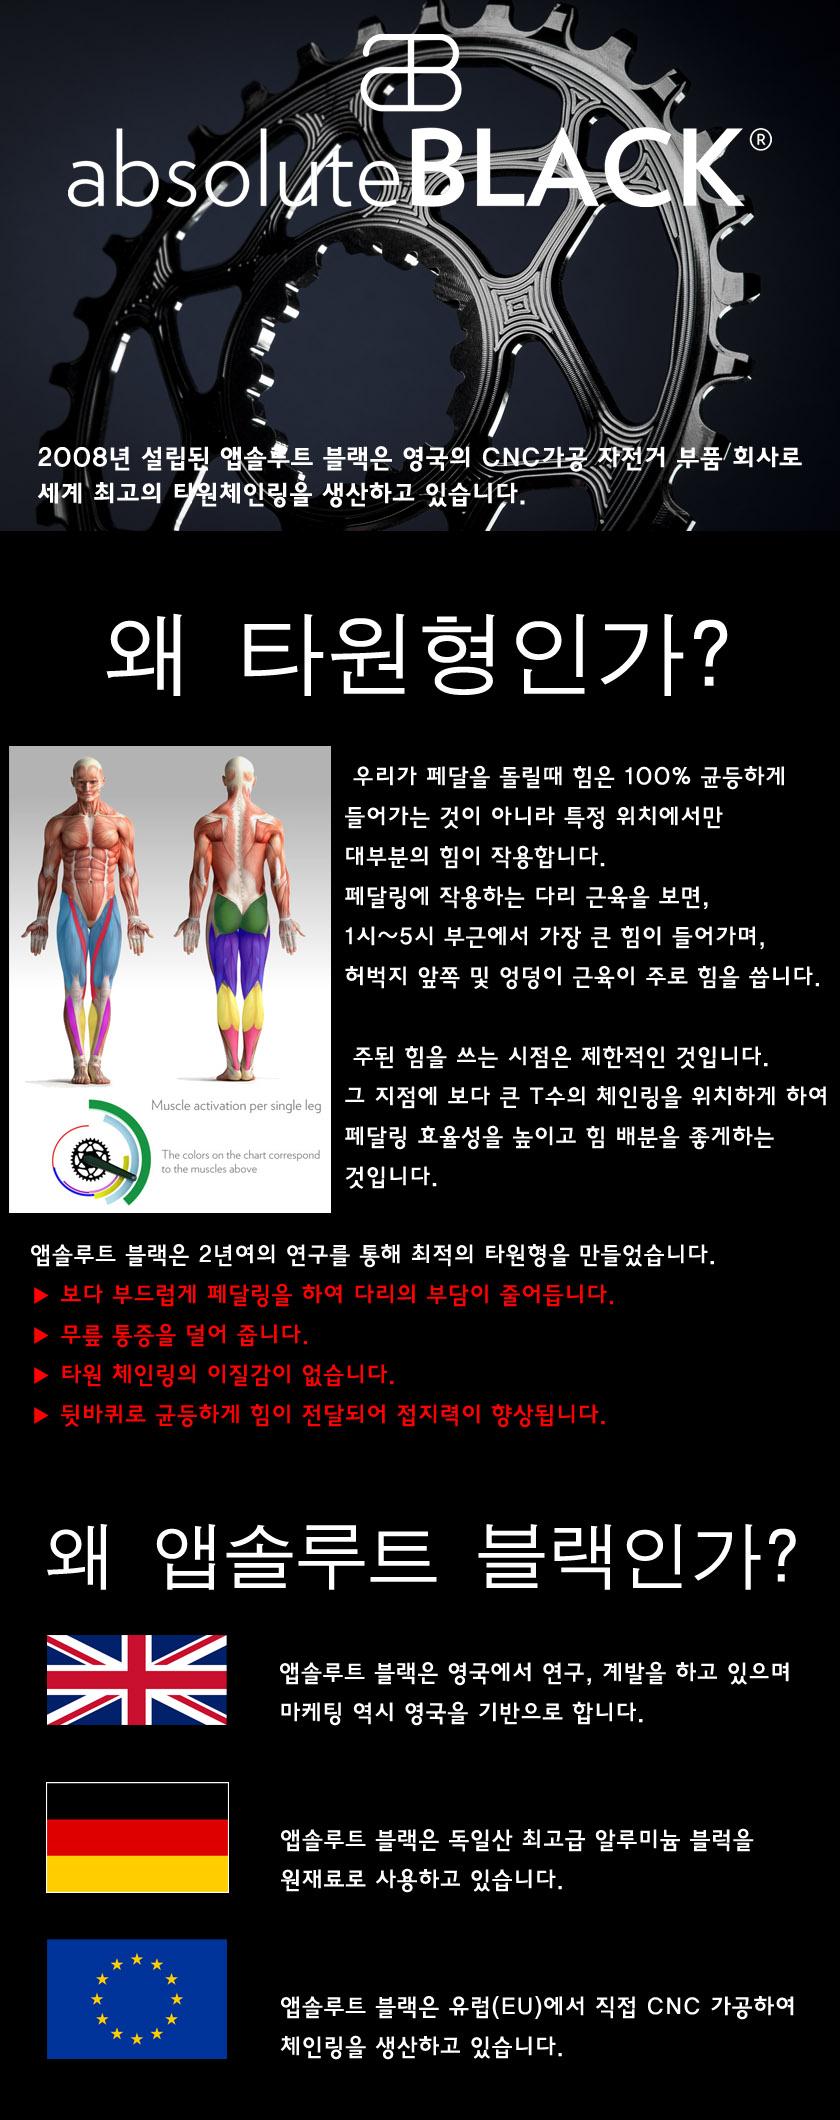 be6250b04c9c67913bdcd8838e4aa17c_1581993206_3387.jpg